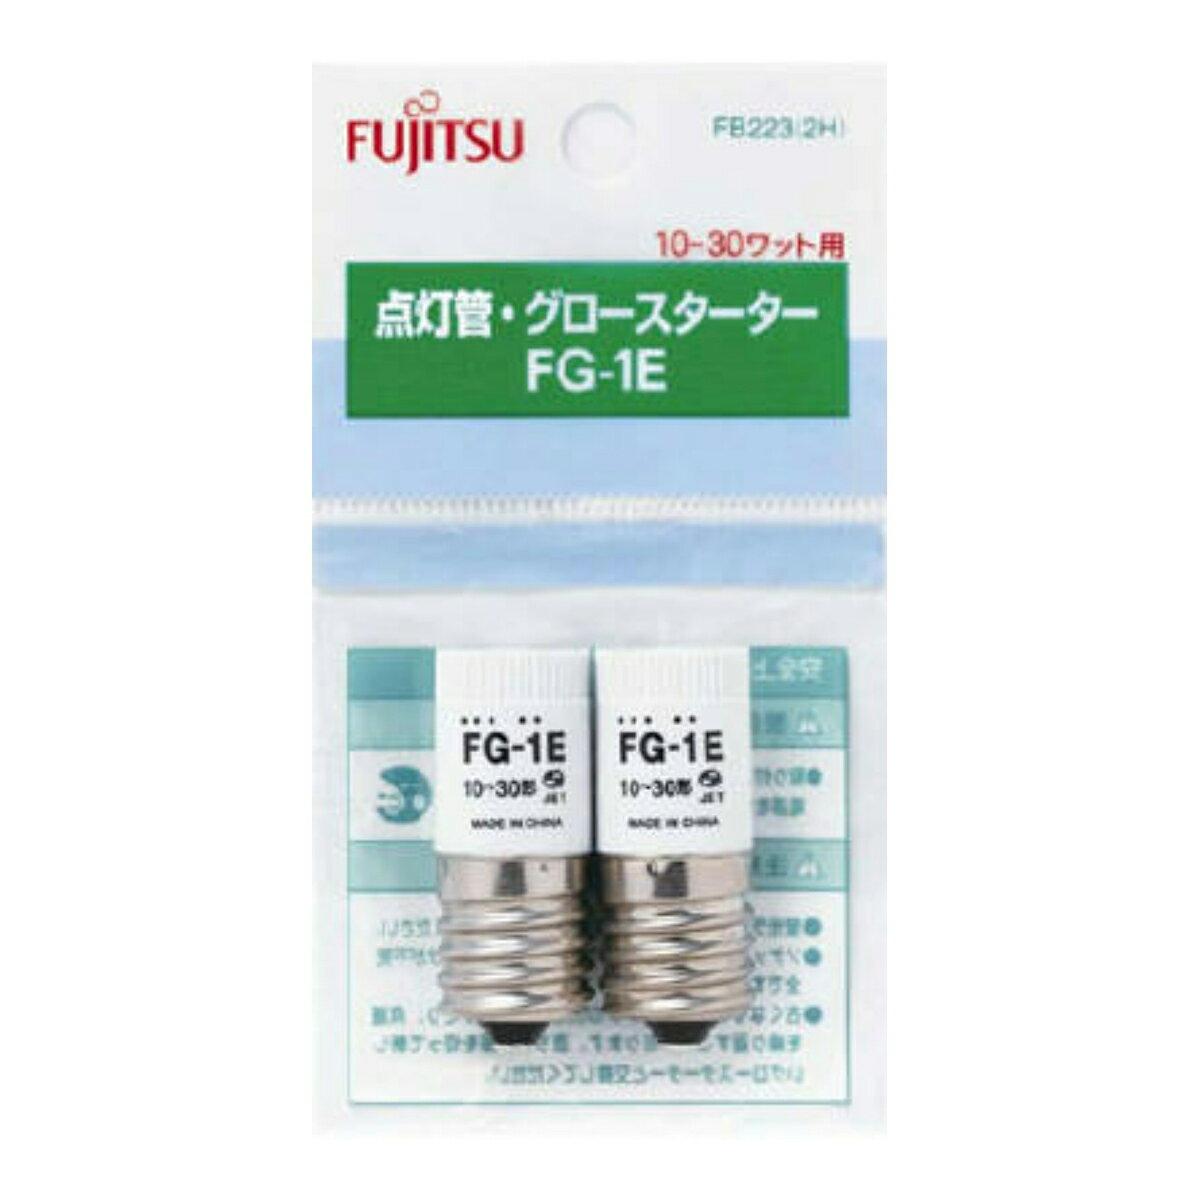 【勤労感謝の日セール!】 富士通グロー球FG−1E FB223 2H ( 4976680162115 )